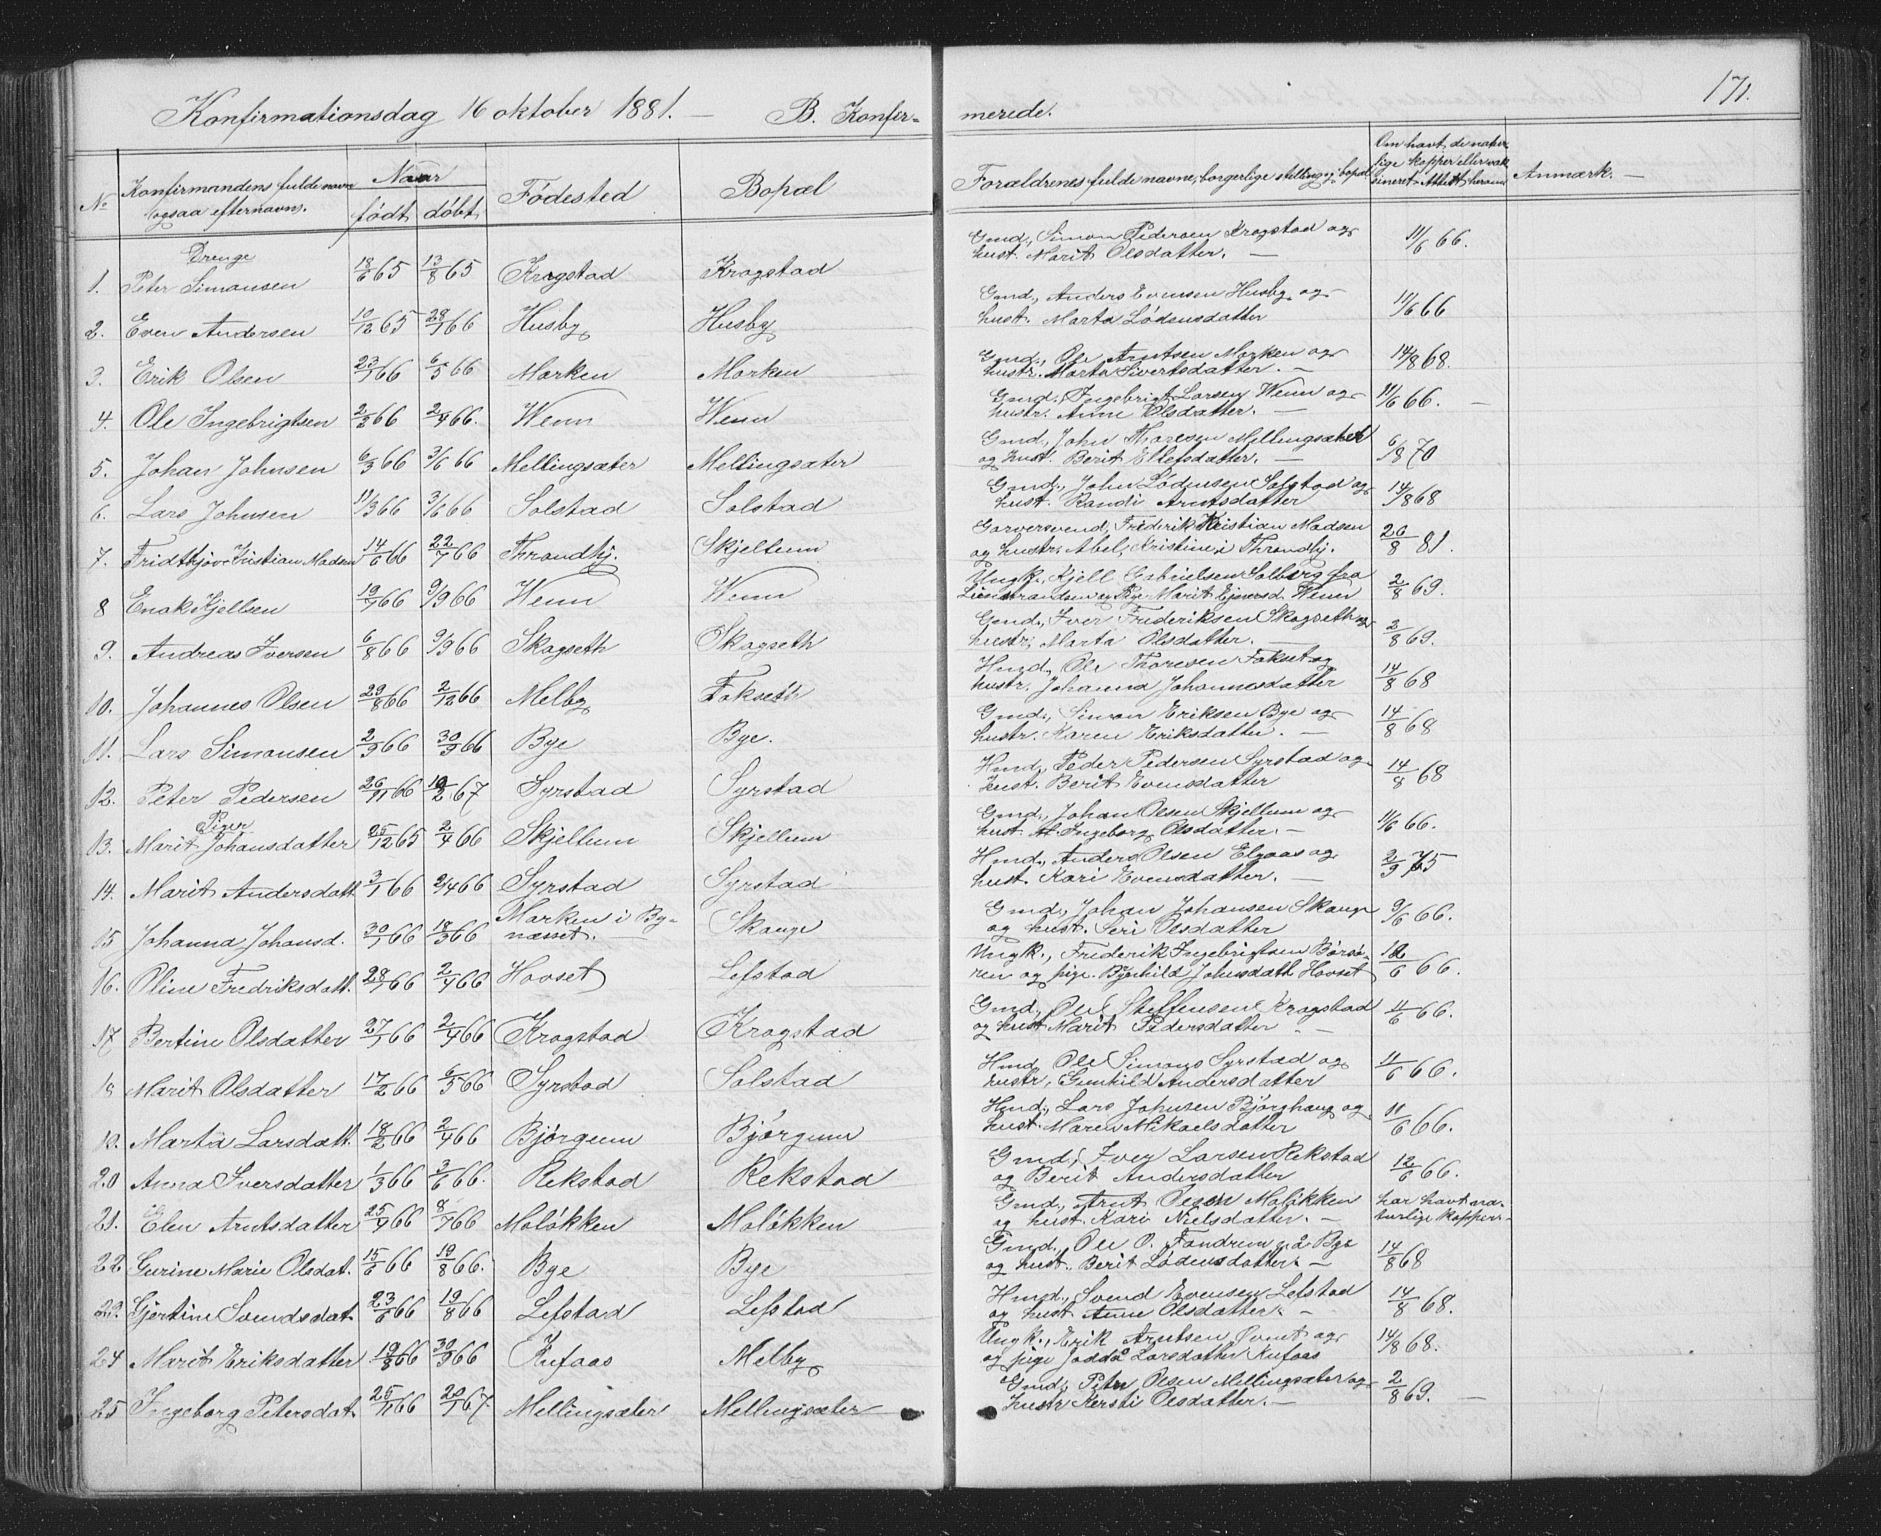 SAT, Ministerialprotokoller, klokkerbøker og fødselsregistre - Sør-Trøndelag, 667/L0798: Klokkerbok nr. 667C03, 1867-1929, s. 171